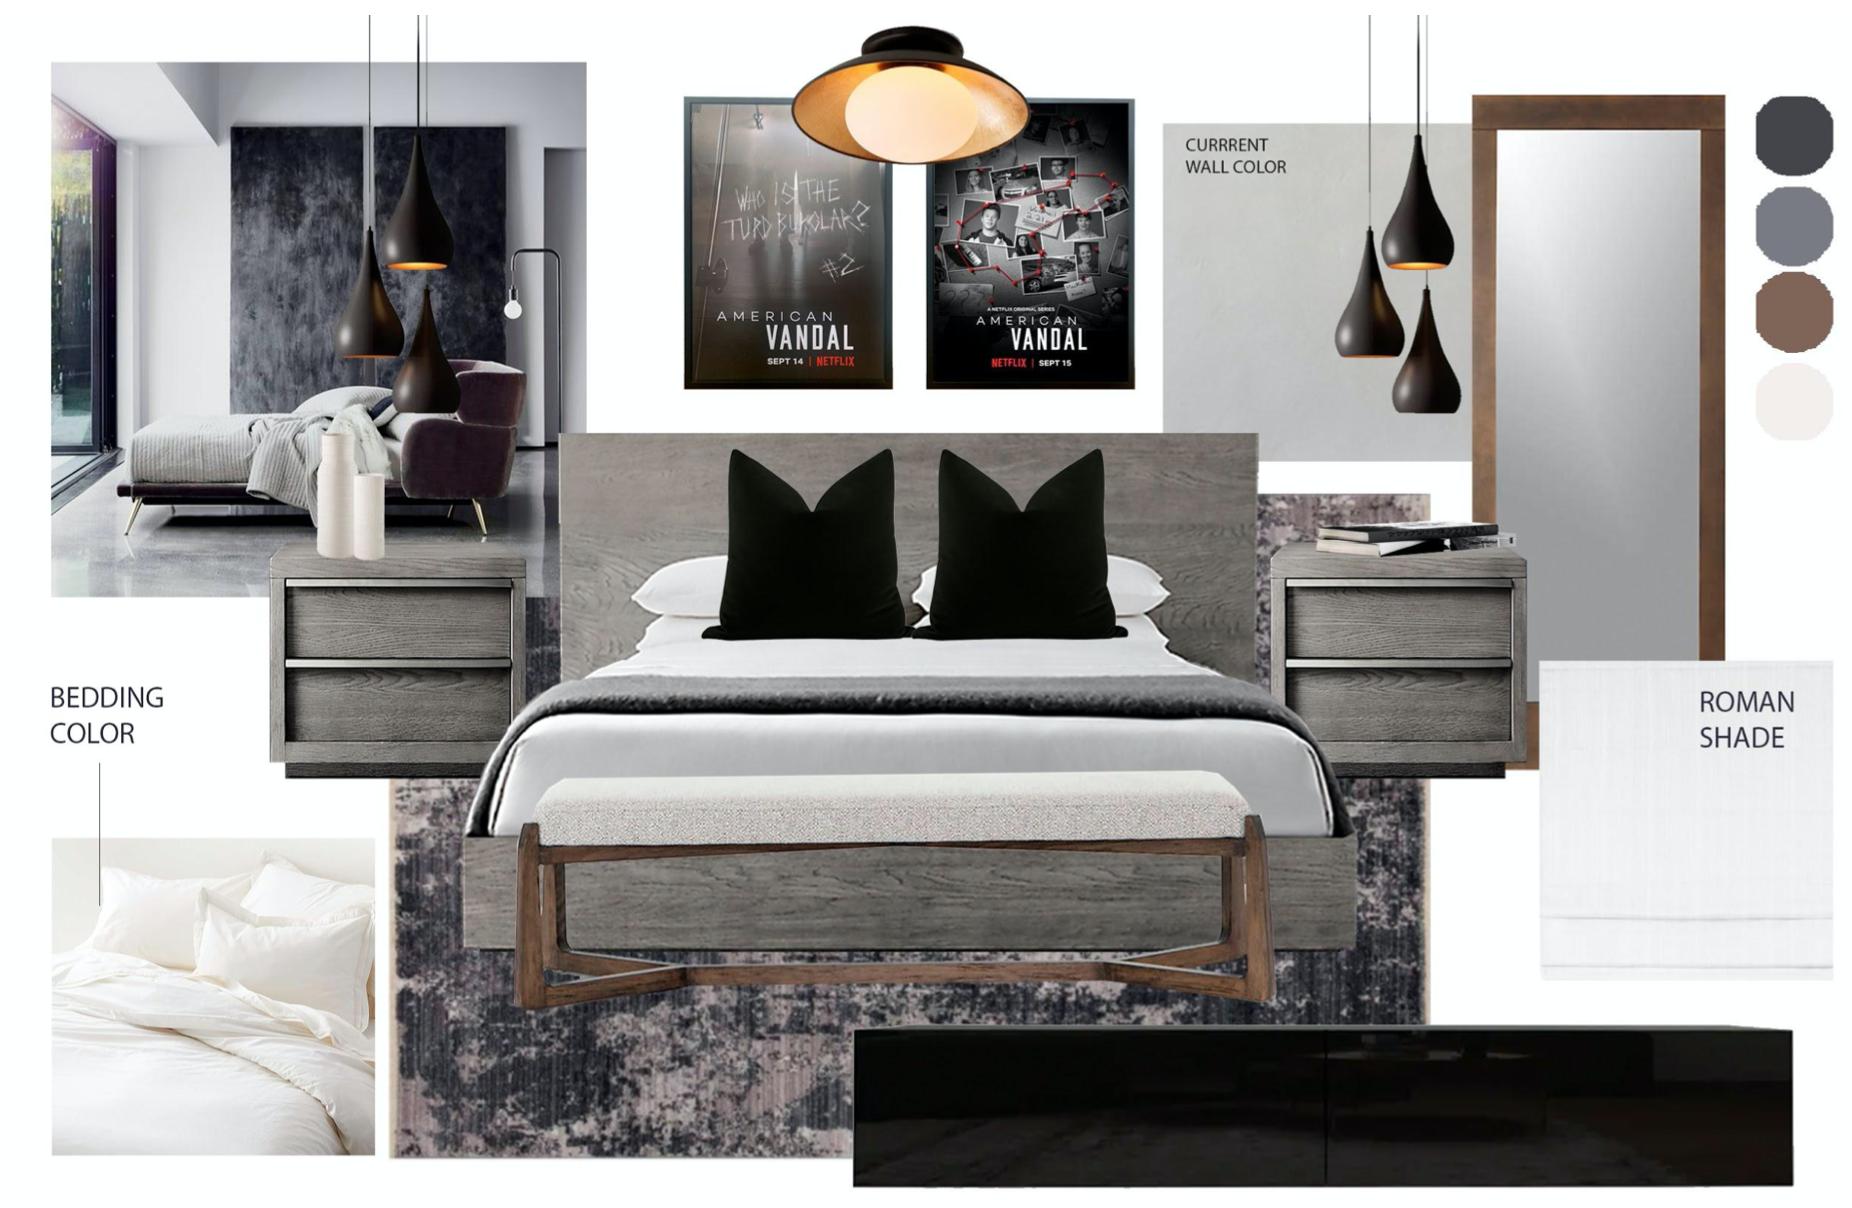 rterior-studio-westside-la-bachelor-pad-masculine-and-restful-bedroom-inspriation